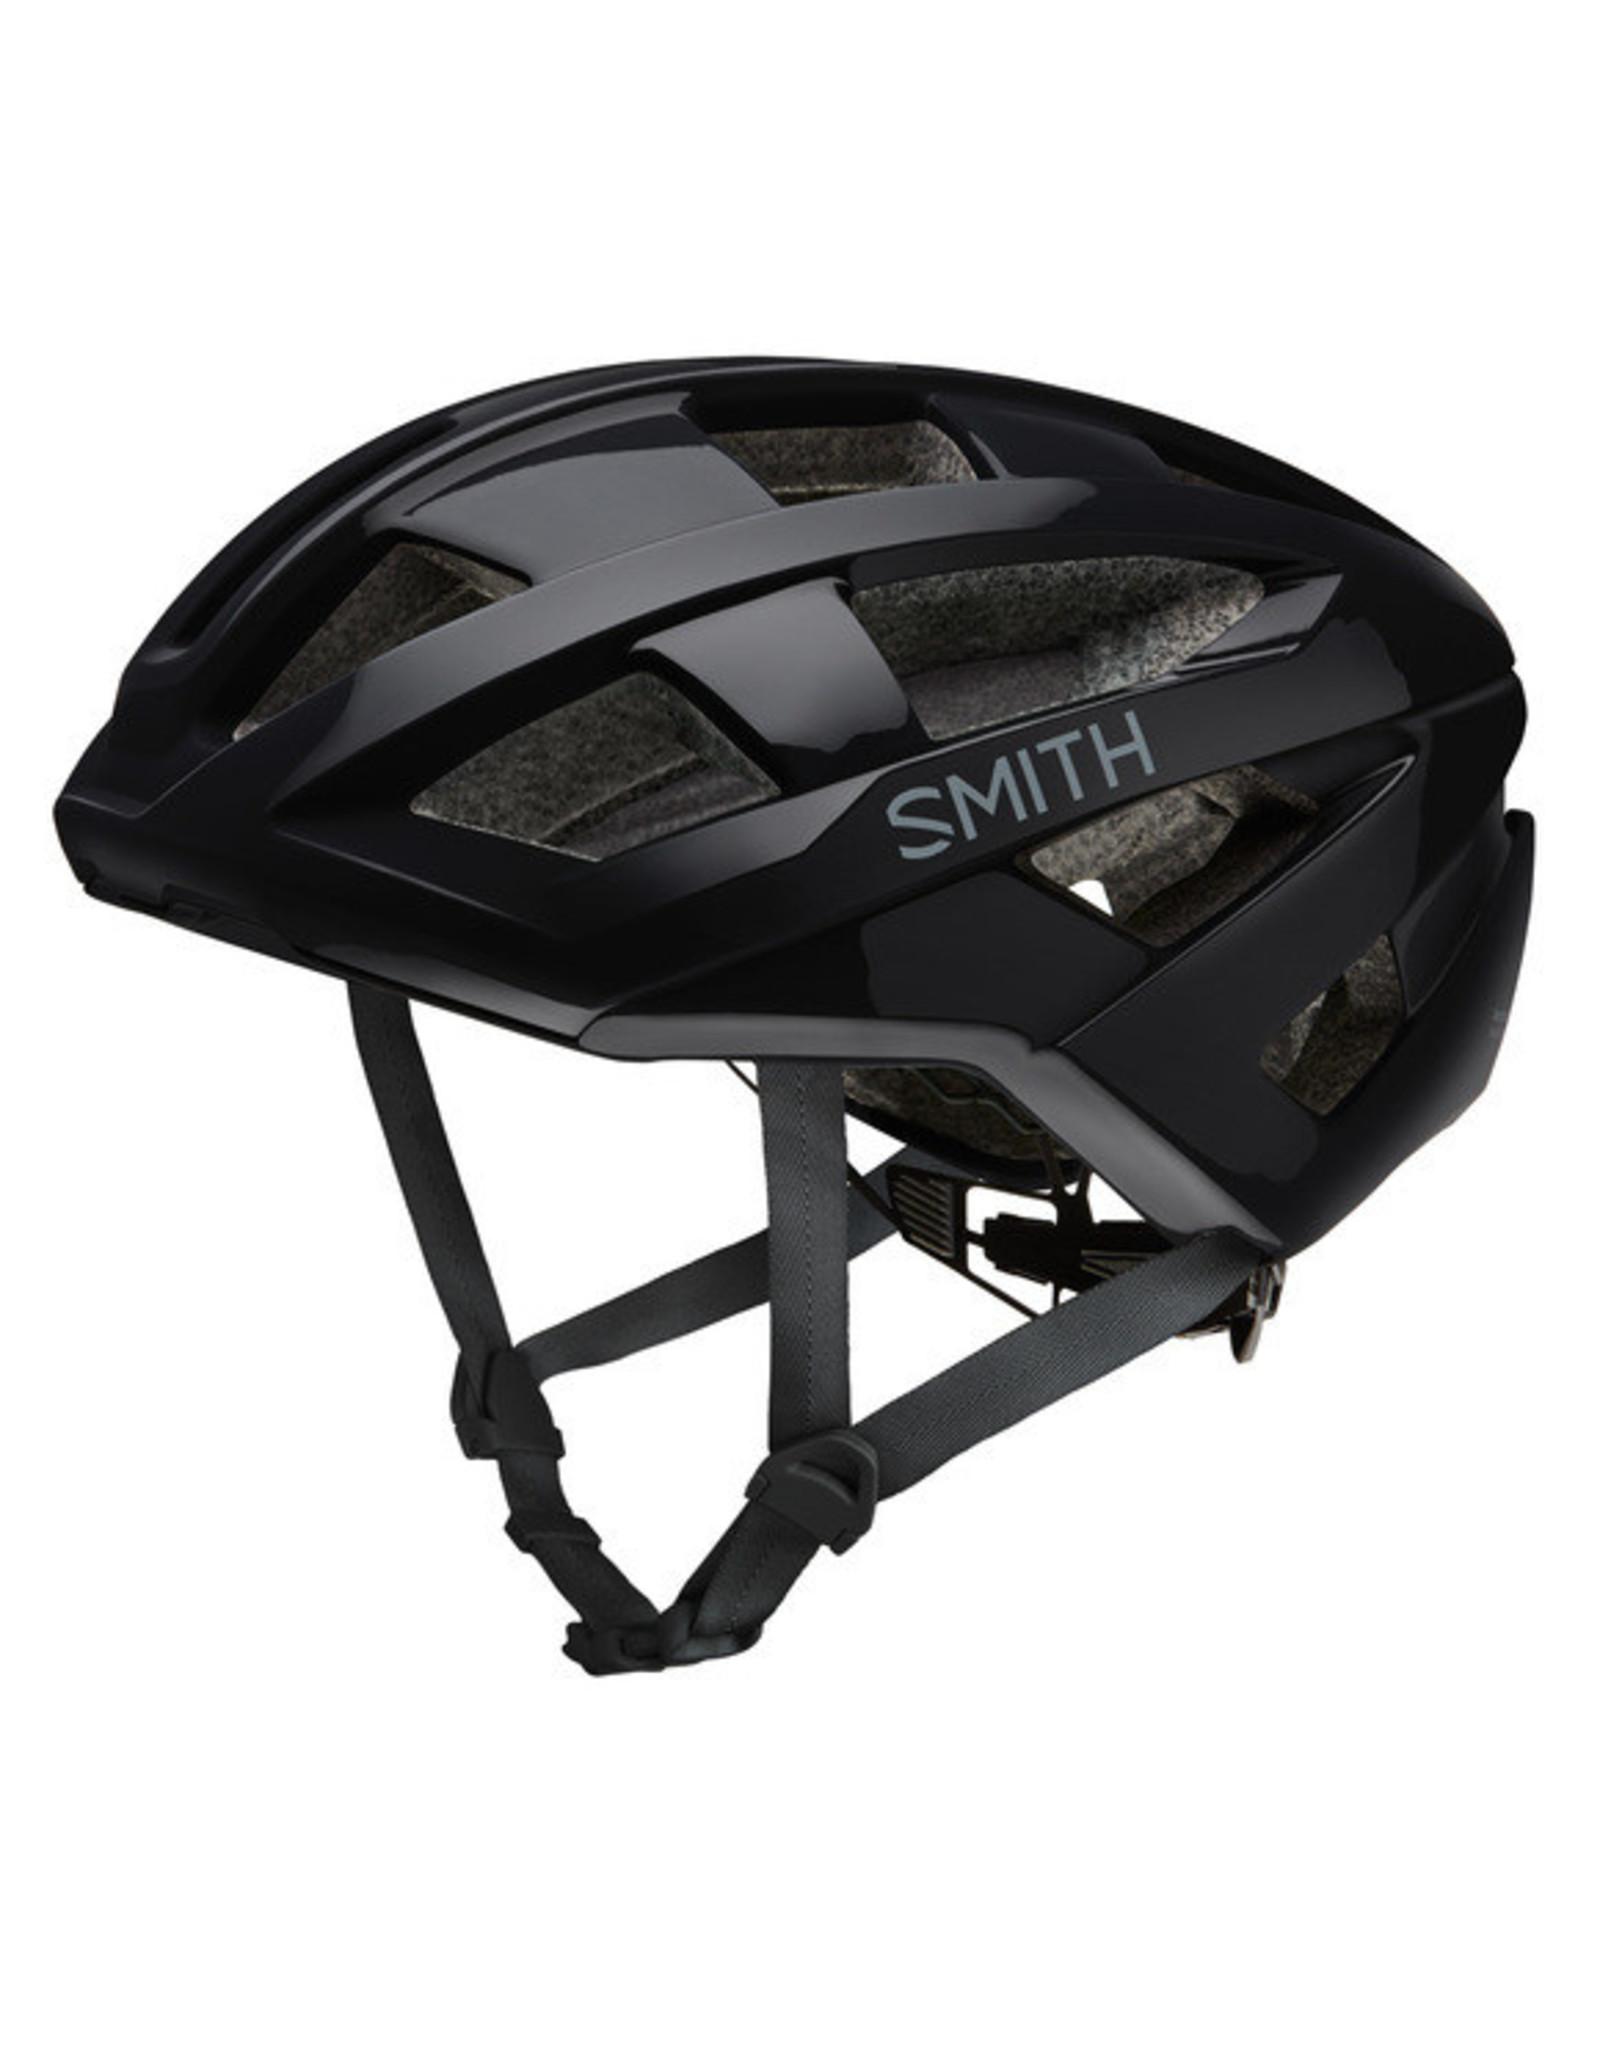 Smith CASQUE - Smith Portal Black Medium